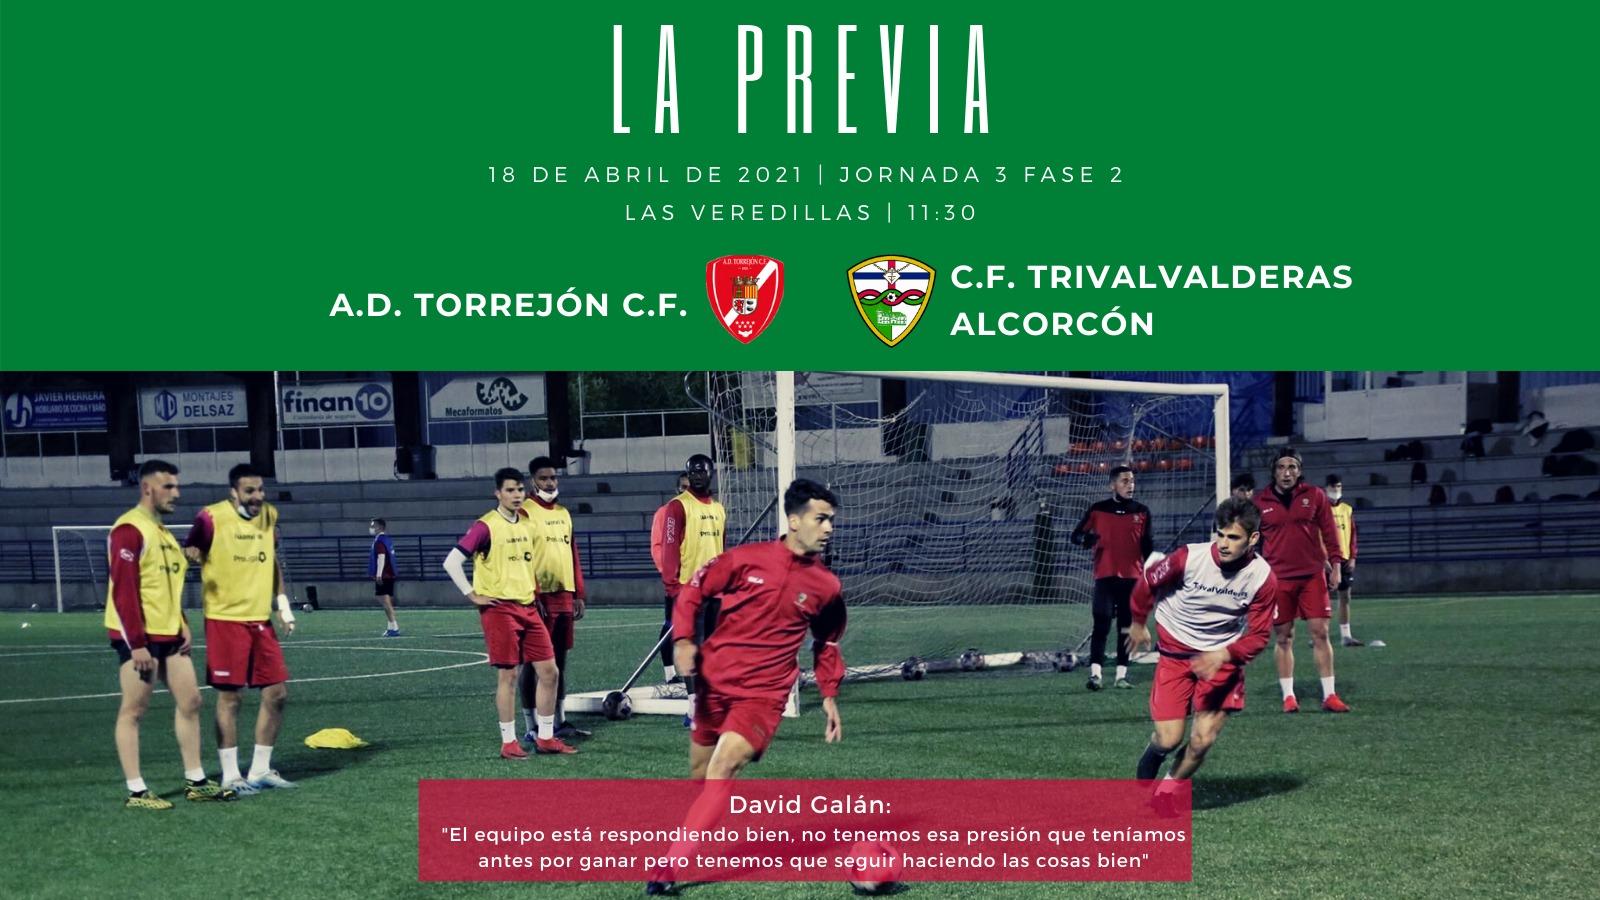 PREVIA J3 FASE 2 | A.D. Torrejón C.F. - C.F. TrivalValderas Alcorcón